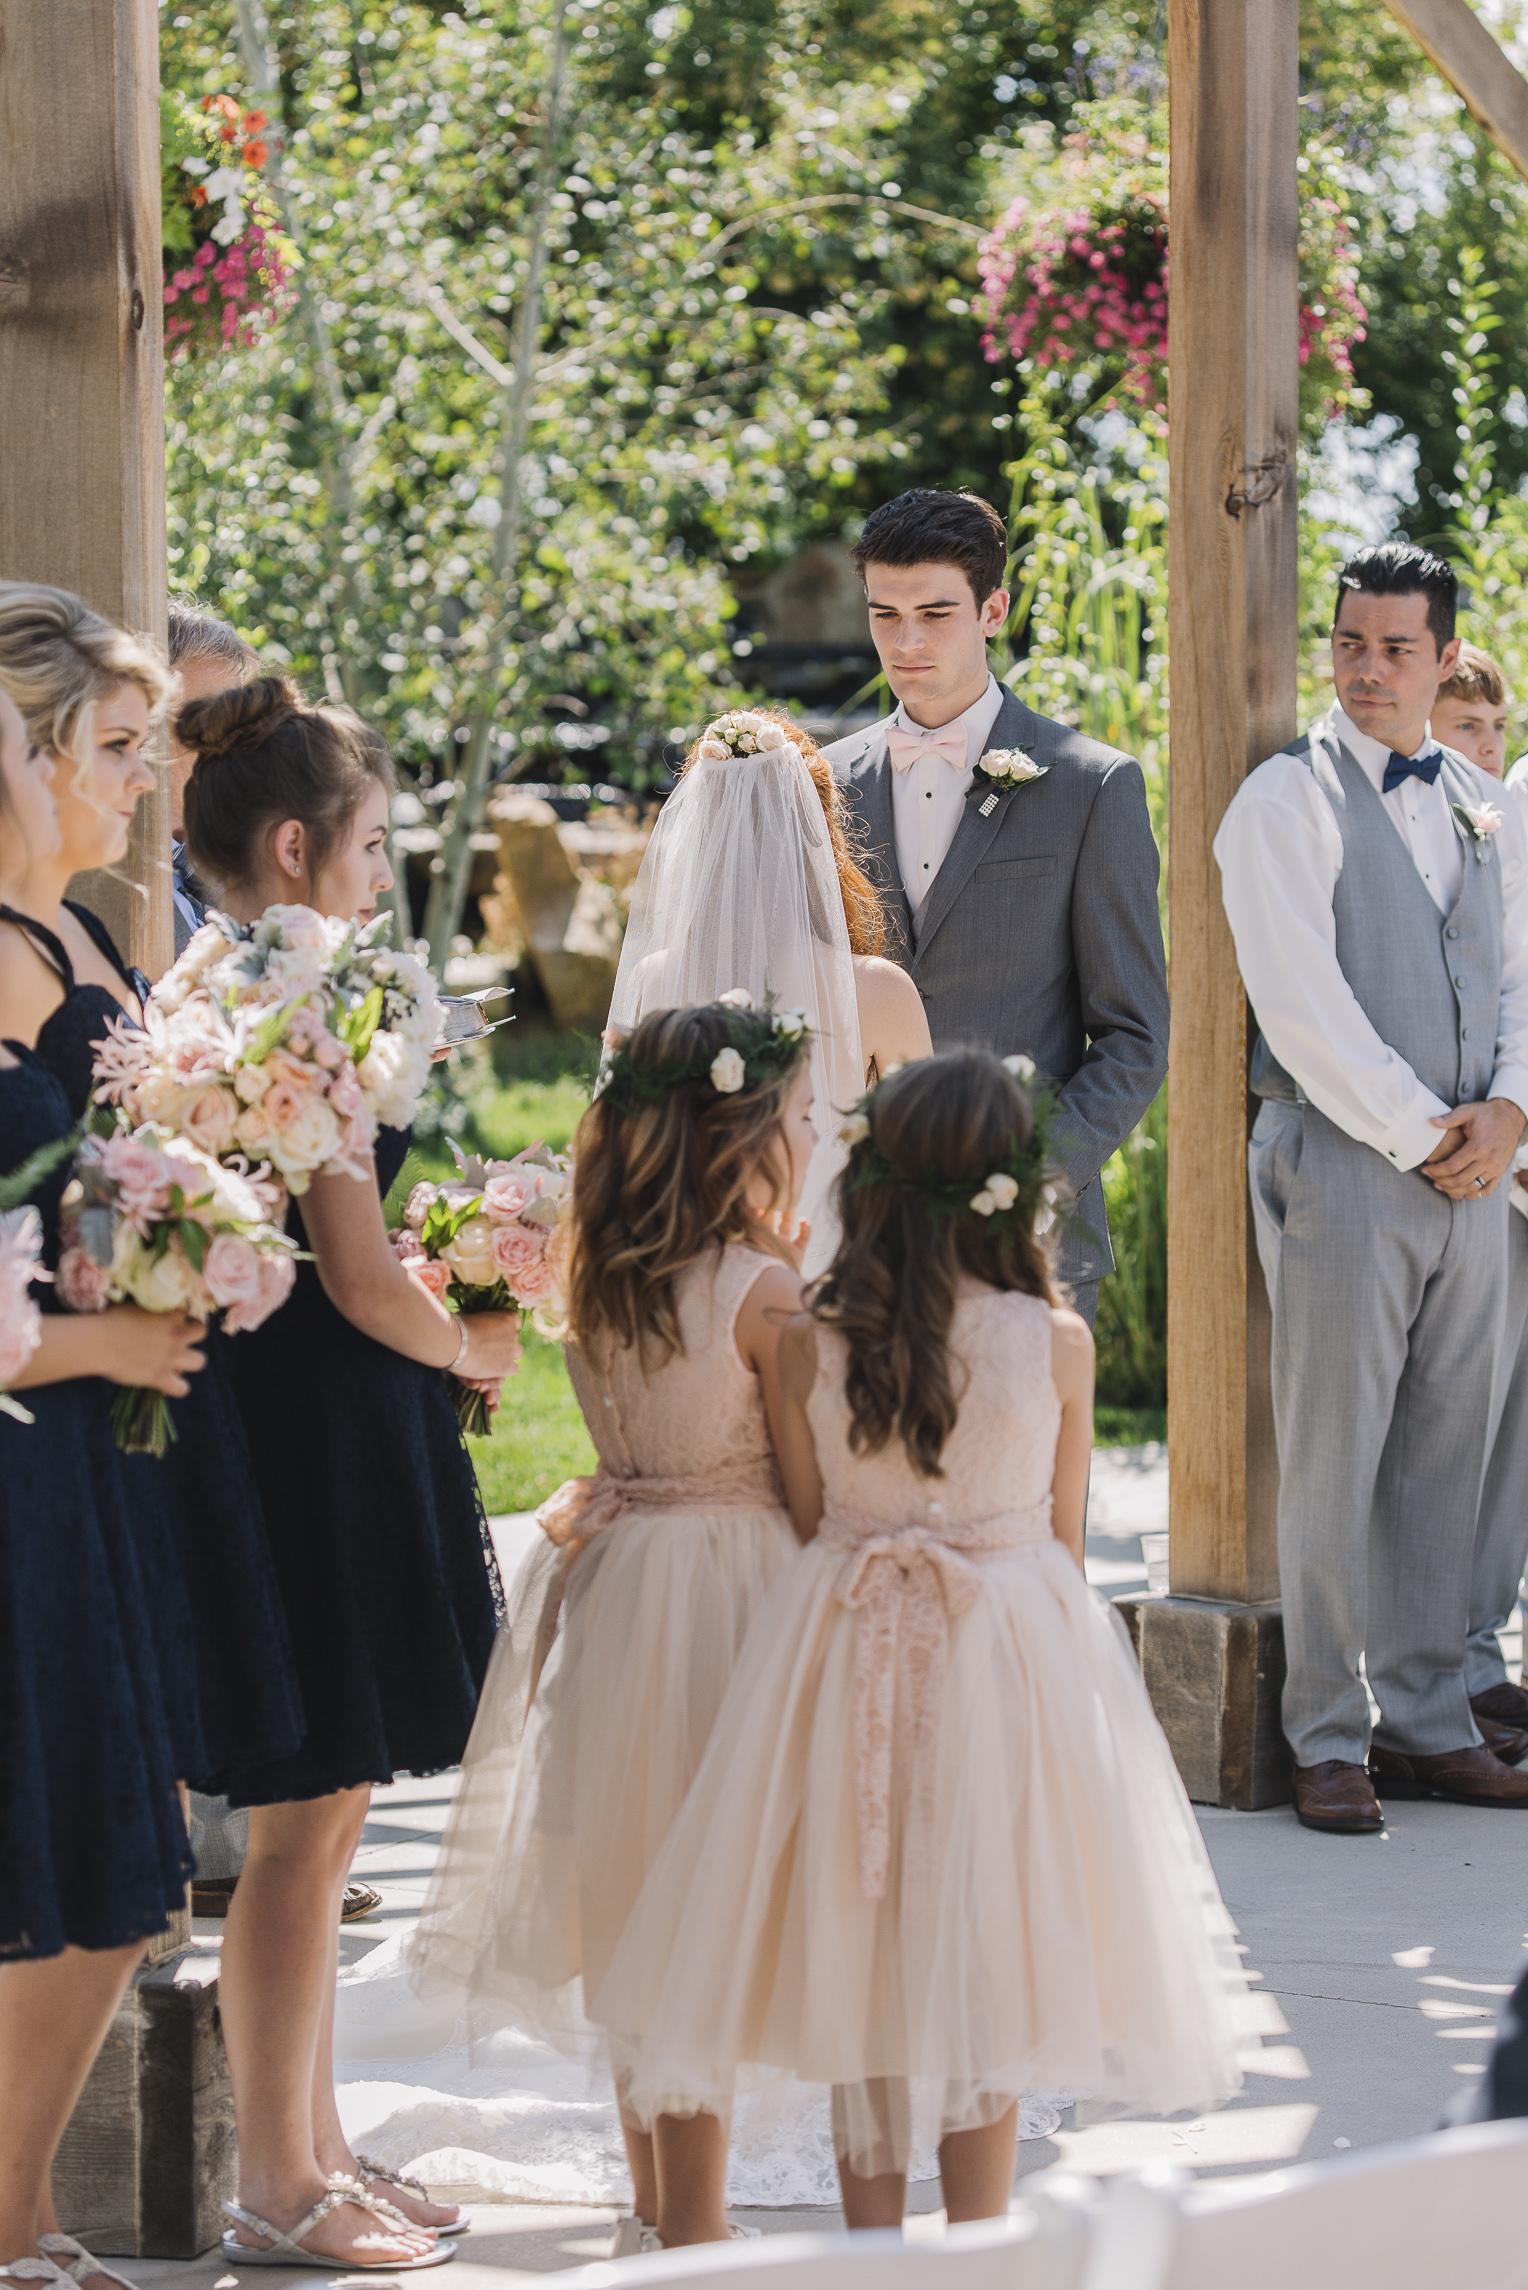 web sized images -- no to print --CALVIN & MCKYLEY WEDDING PHOTOS - COLORADO PHOTOGRAPHER - DEBI RAE PHOTOGRAPHY-891.jpg